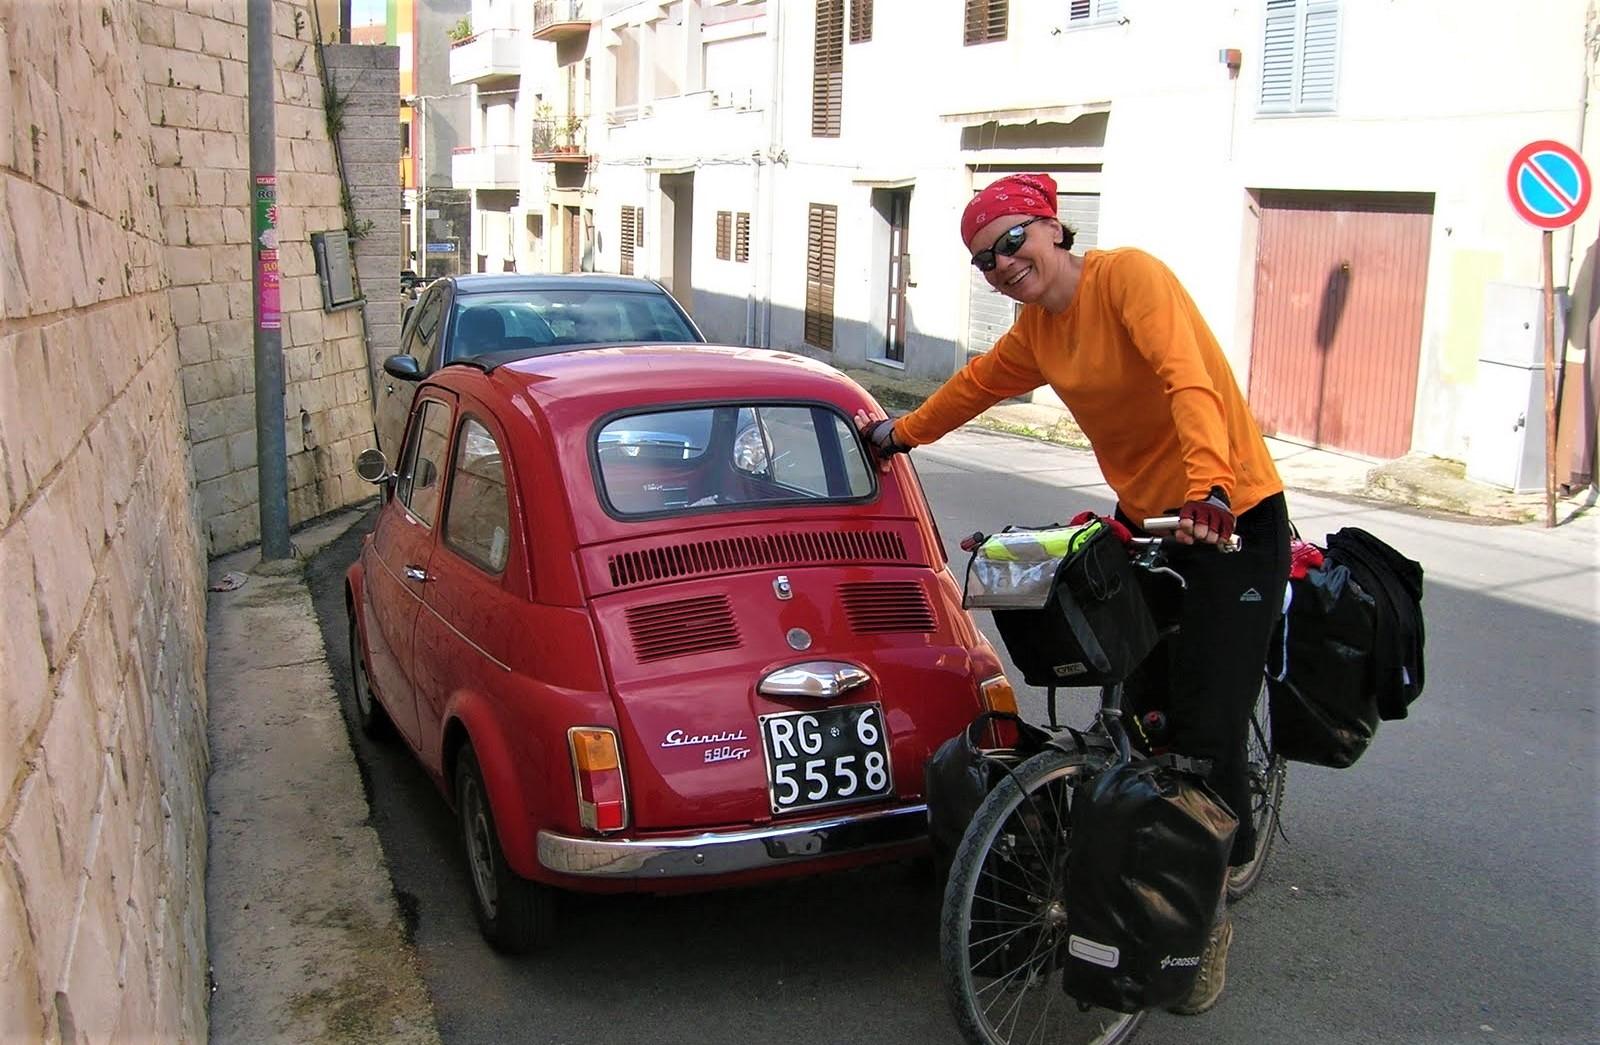 104. Sicily, Italy